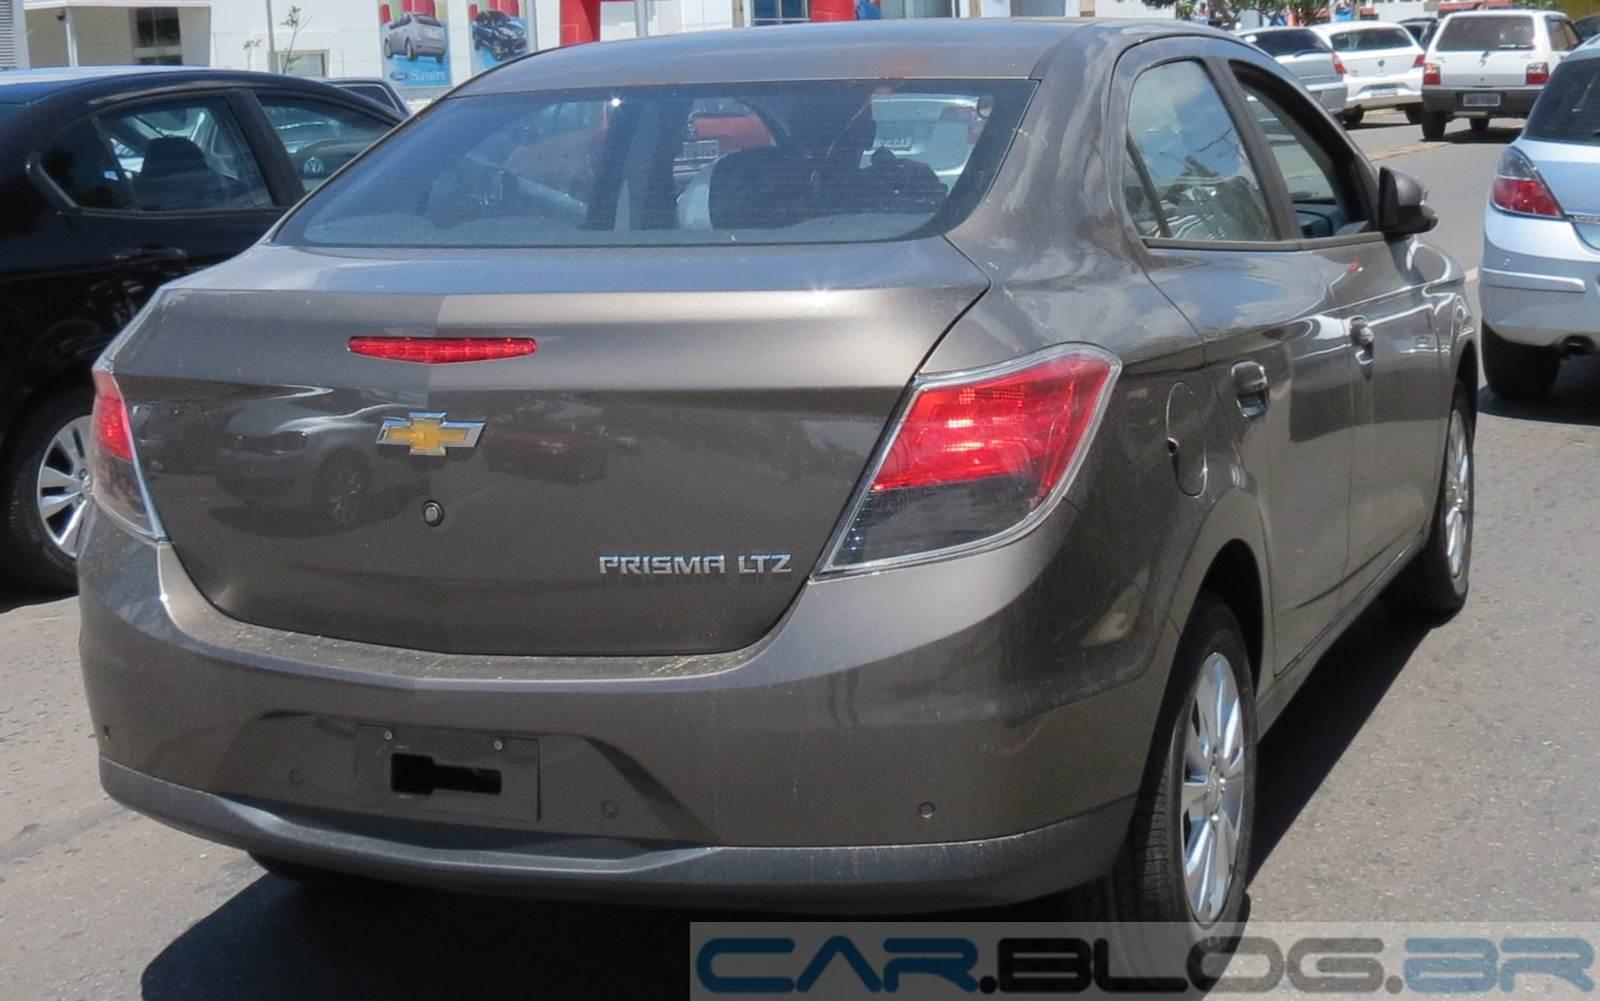 Carros Chevrolet no Brasil serão todos automáticos em cinco anos | CAR.BLOG.BR